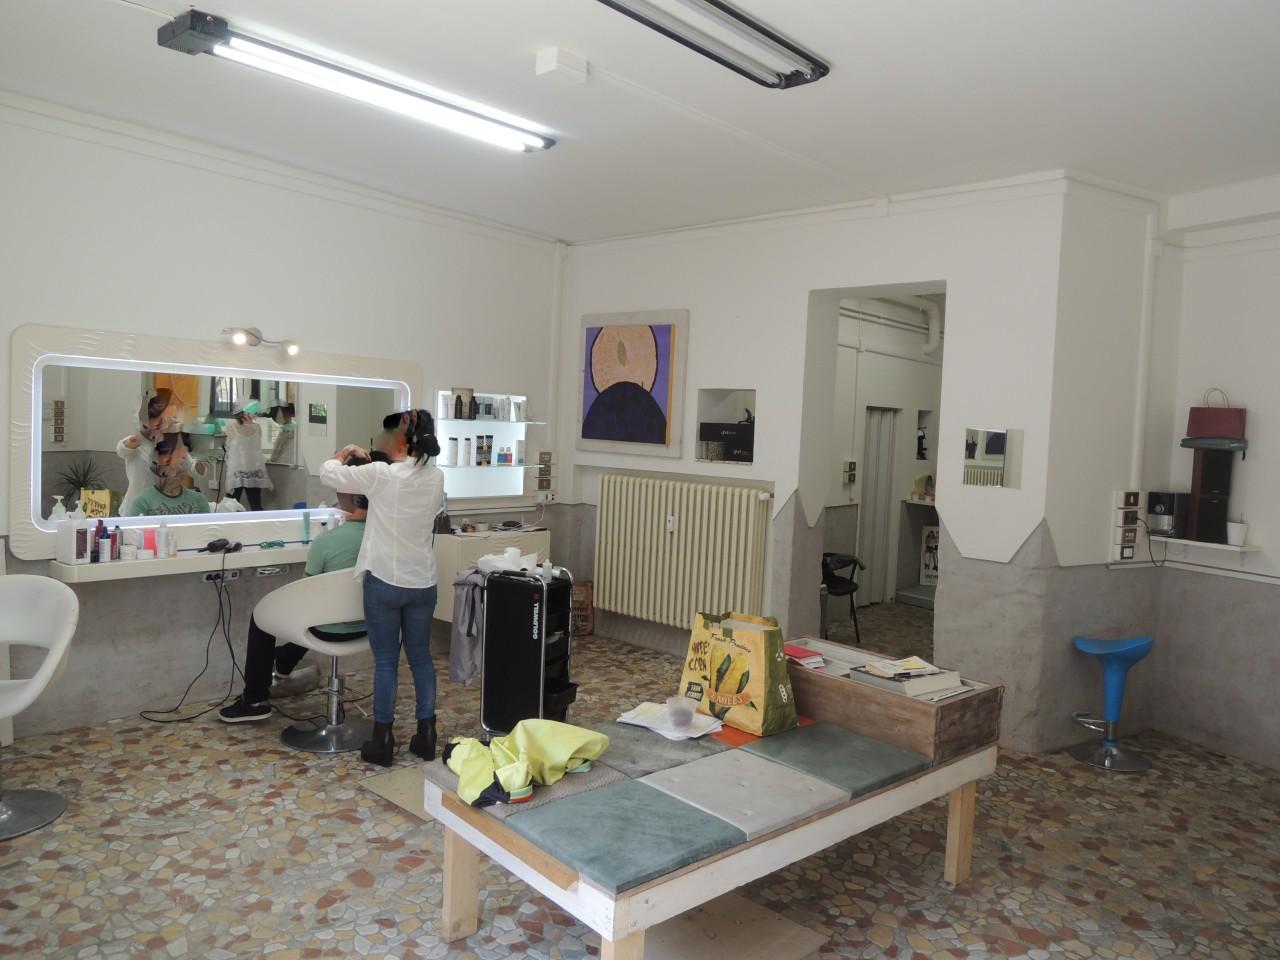 Locale commerciale - 1 Vetrina a Buon Pastore, Modena